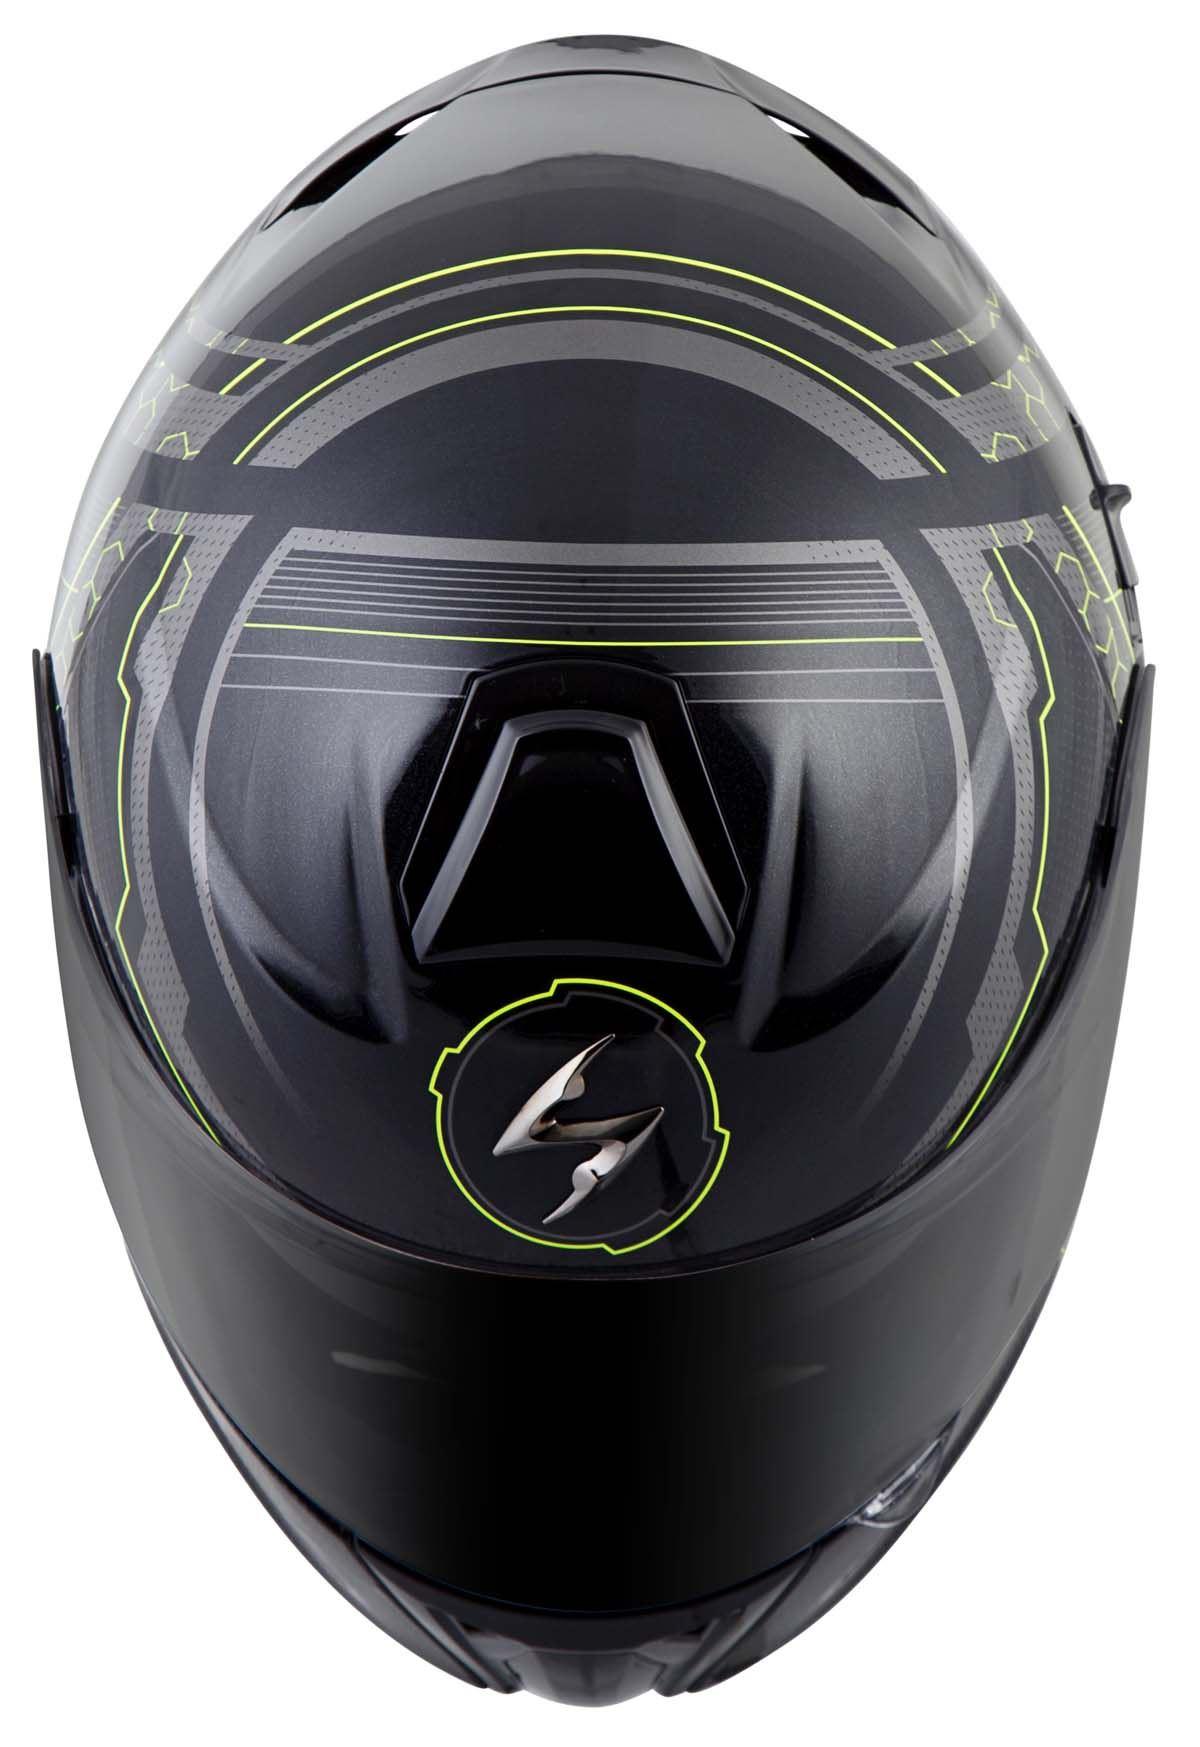 Scorpion-EXO-GT920-Helmet-Sport-Touring-Modular-Flip-Up-DOT-Approved-XS-3XL miniature 33